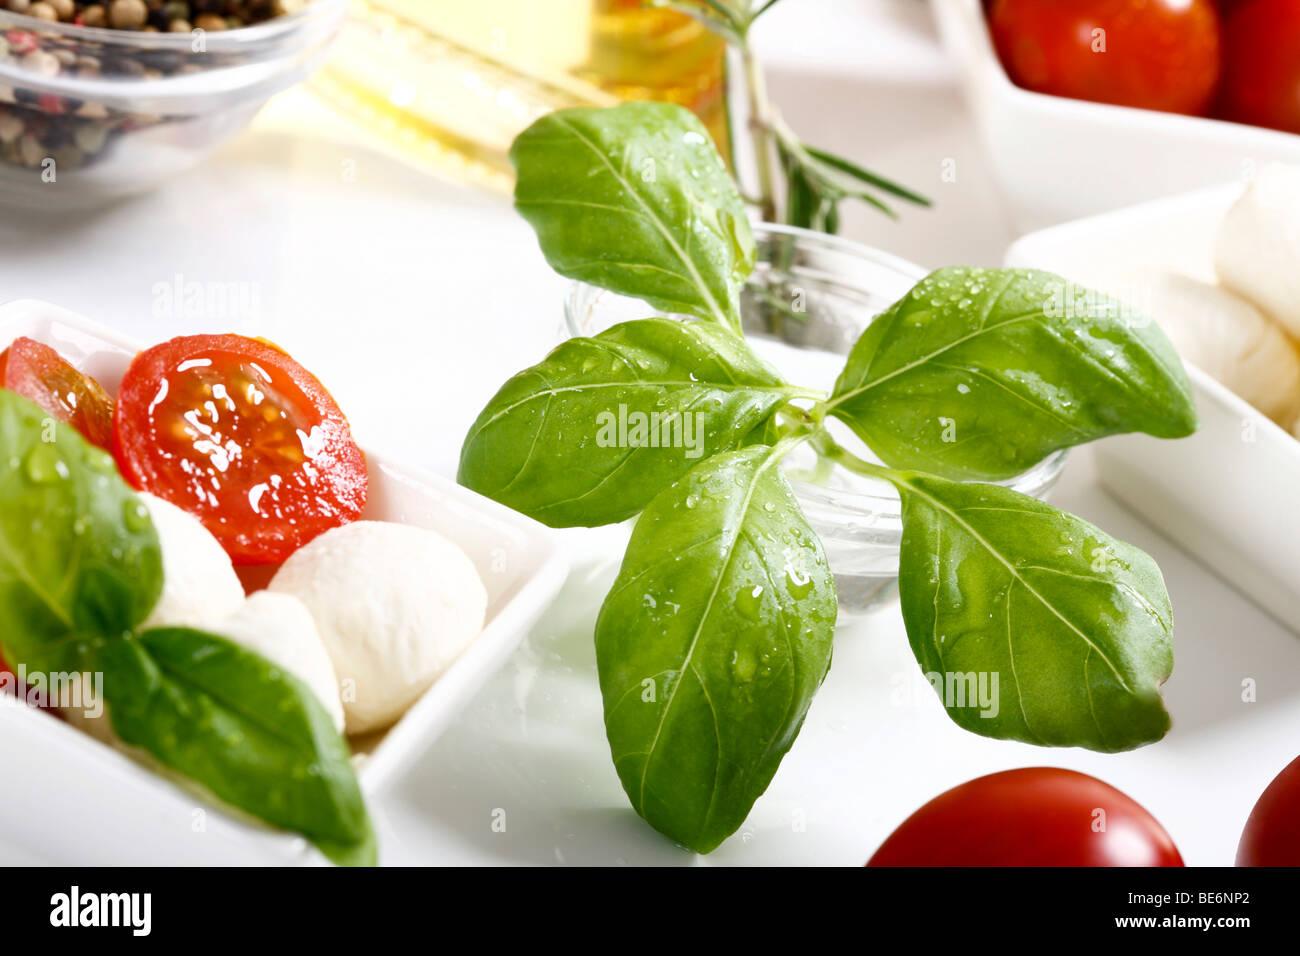 Basil next to tomatoes and mozzarella Stock Photo